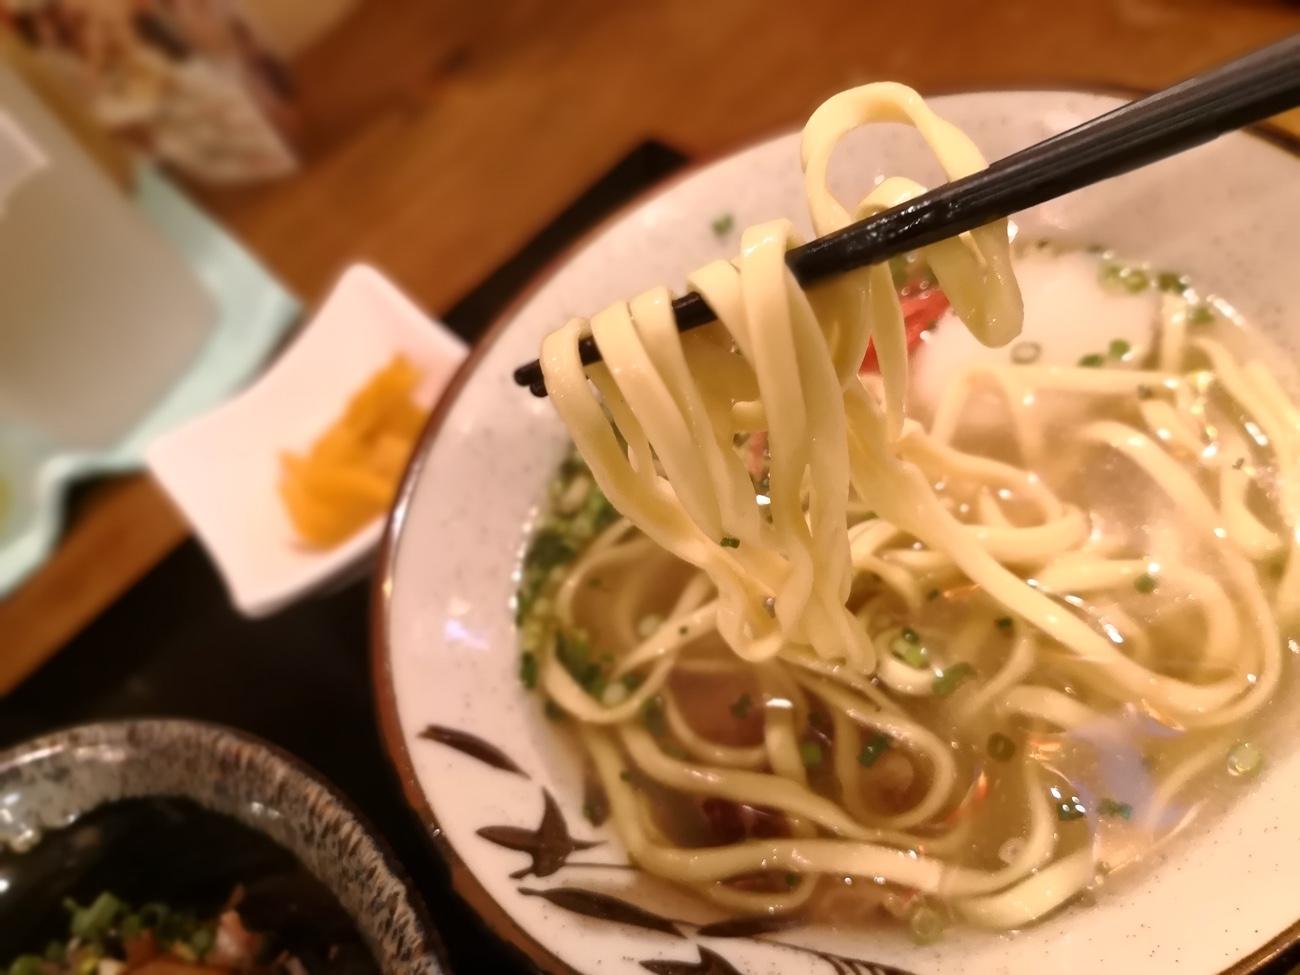 ソーキそばの麺 南風花 お台場ランチ沖縄料理